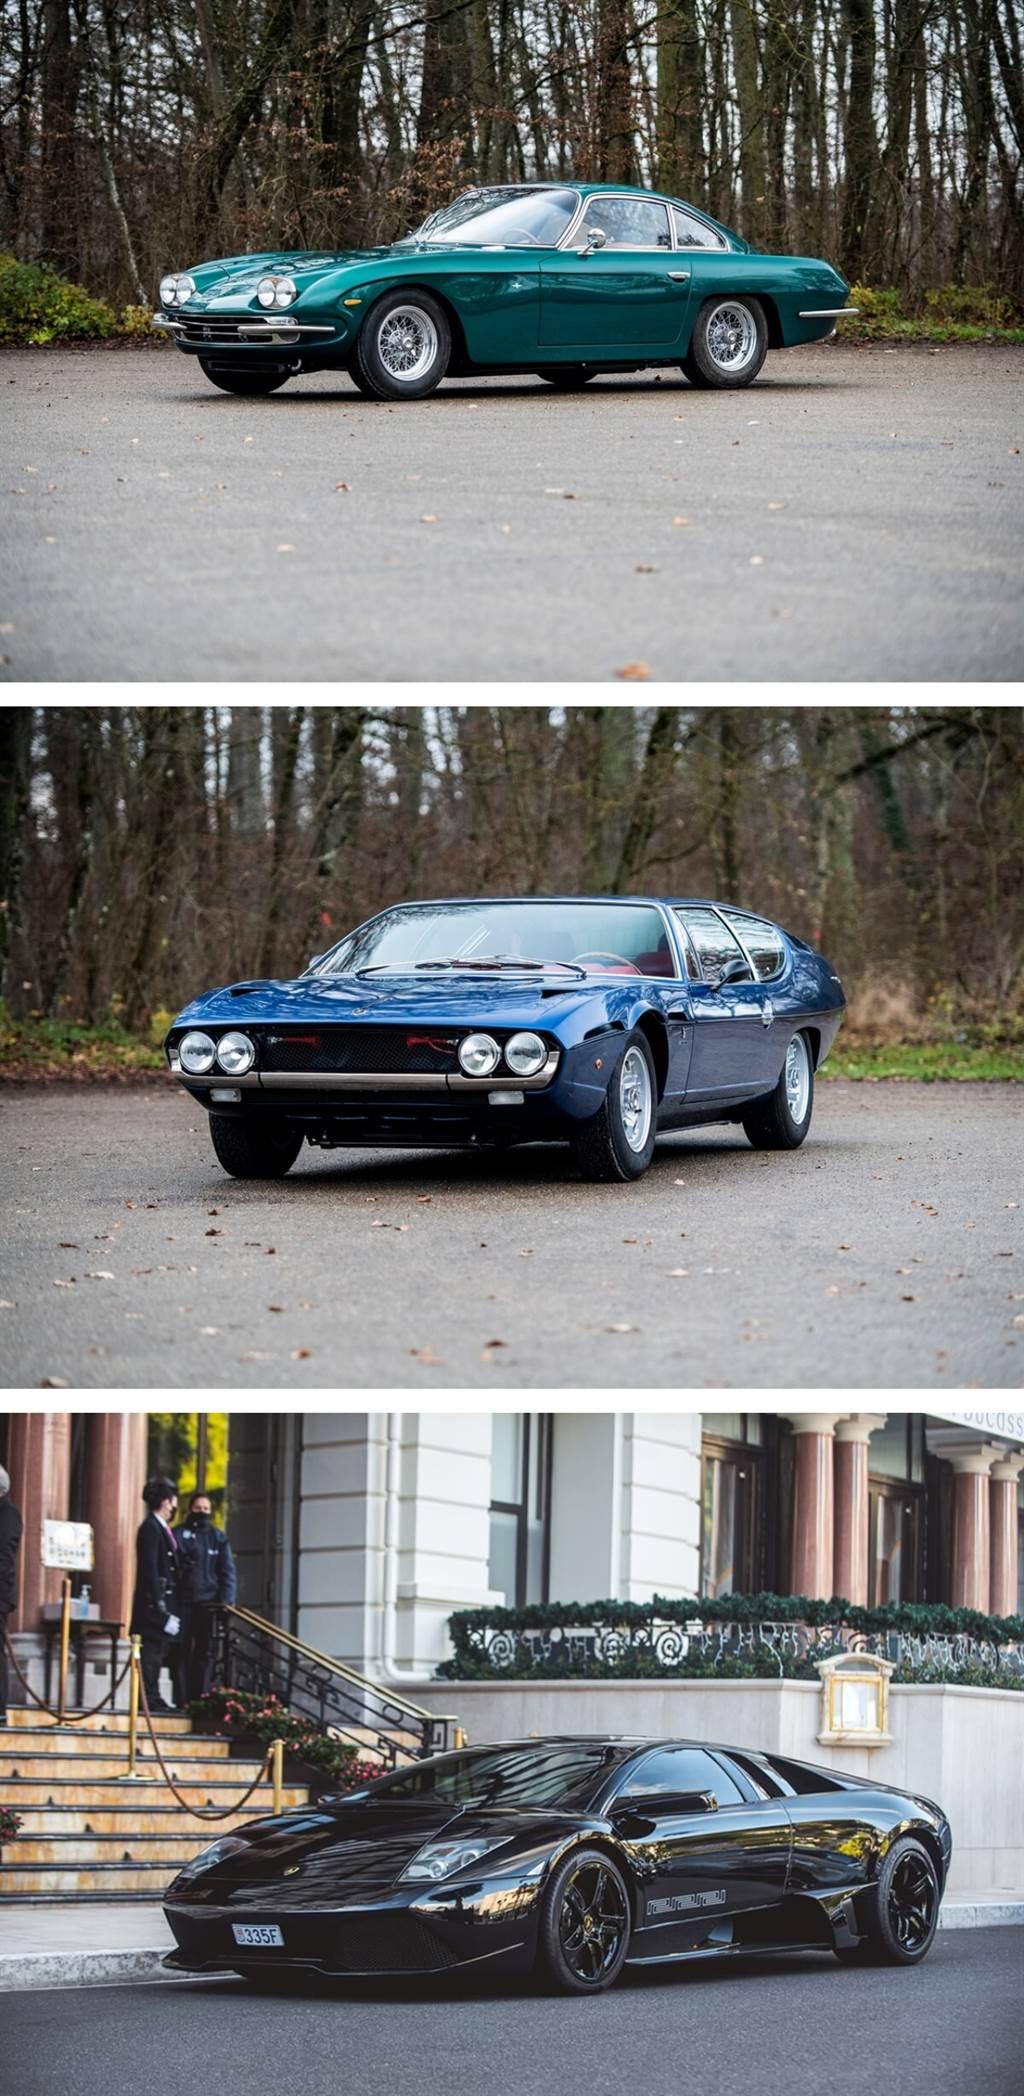 Lamborghini Miura SV在蘇富比巴黎拍賣會創下超過240萬歐元「第二高」紀錄